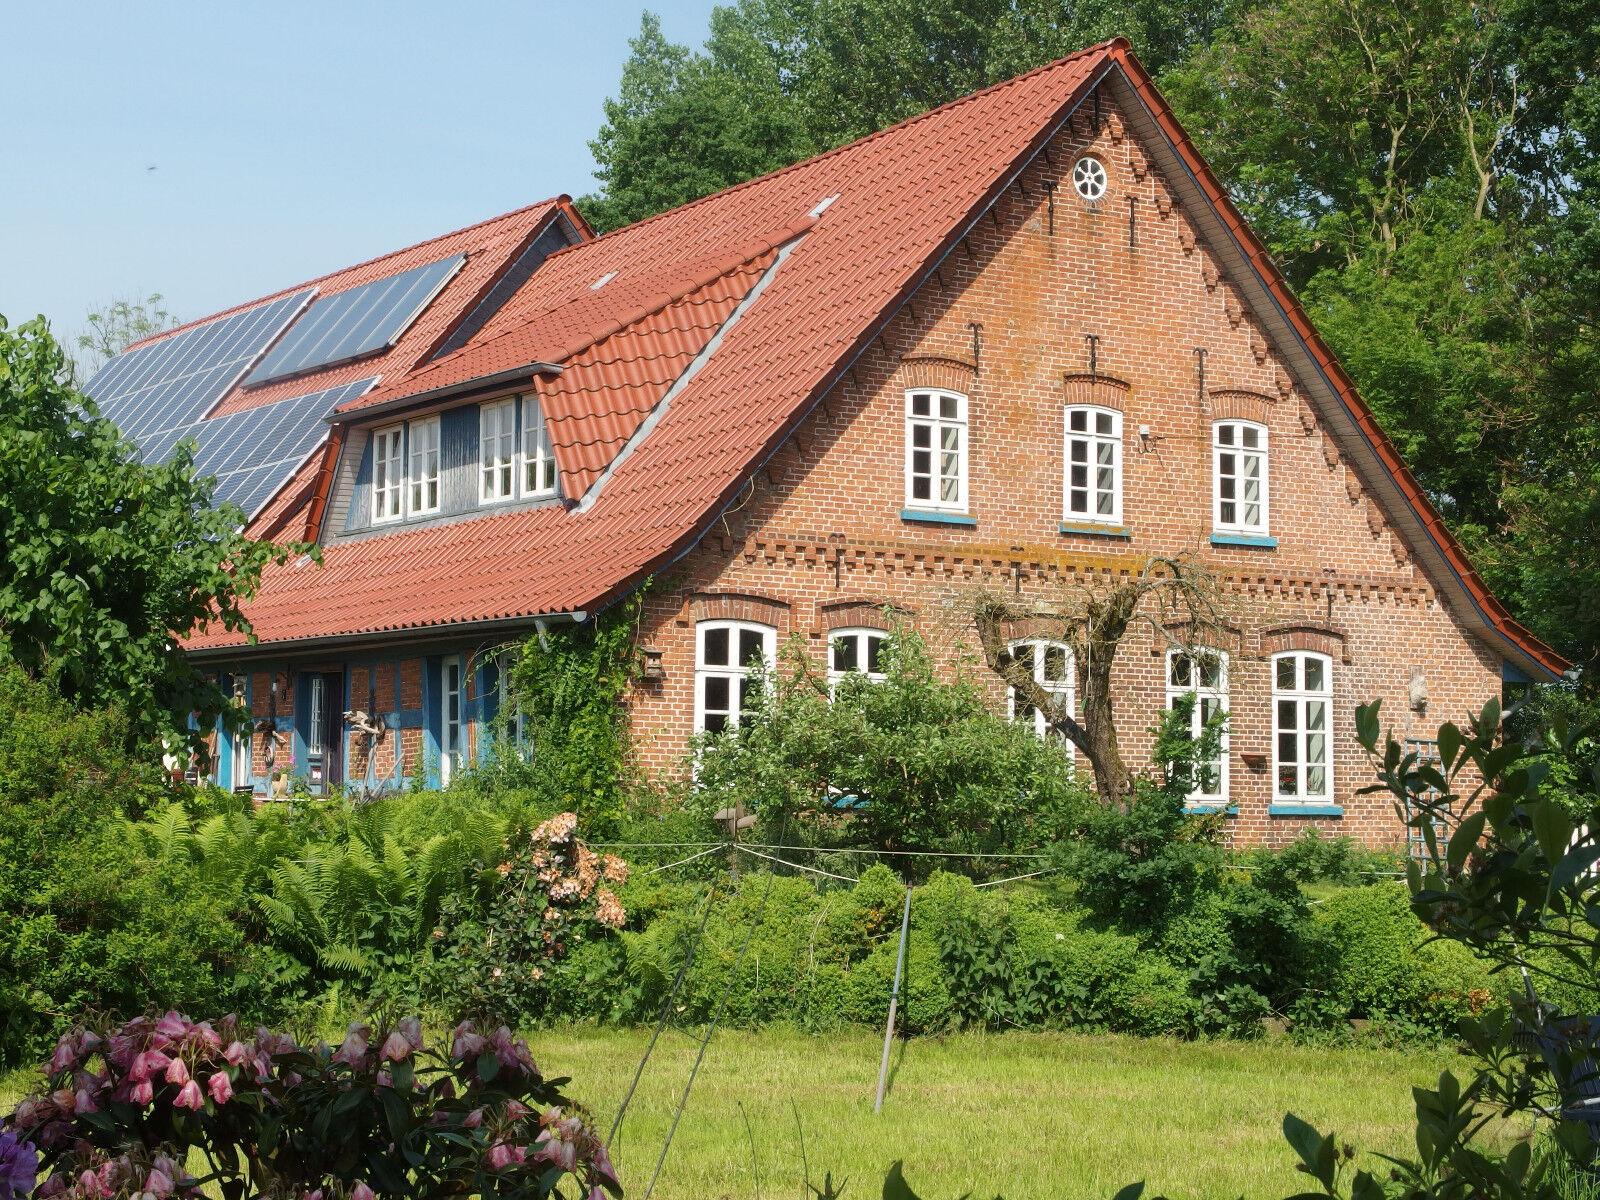 Landhaus, mit Einliegerwohnung, 6,5 ha Weideland 450.000,00 VB provisionsfrei